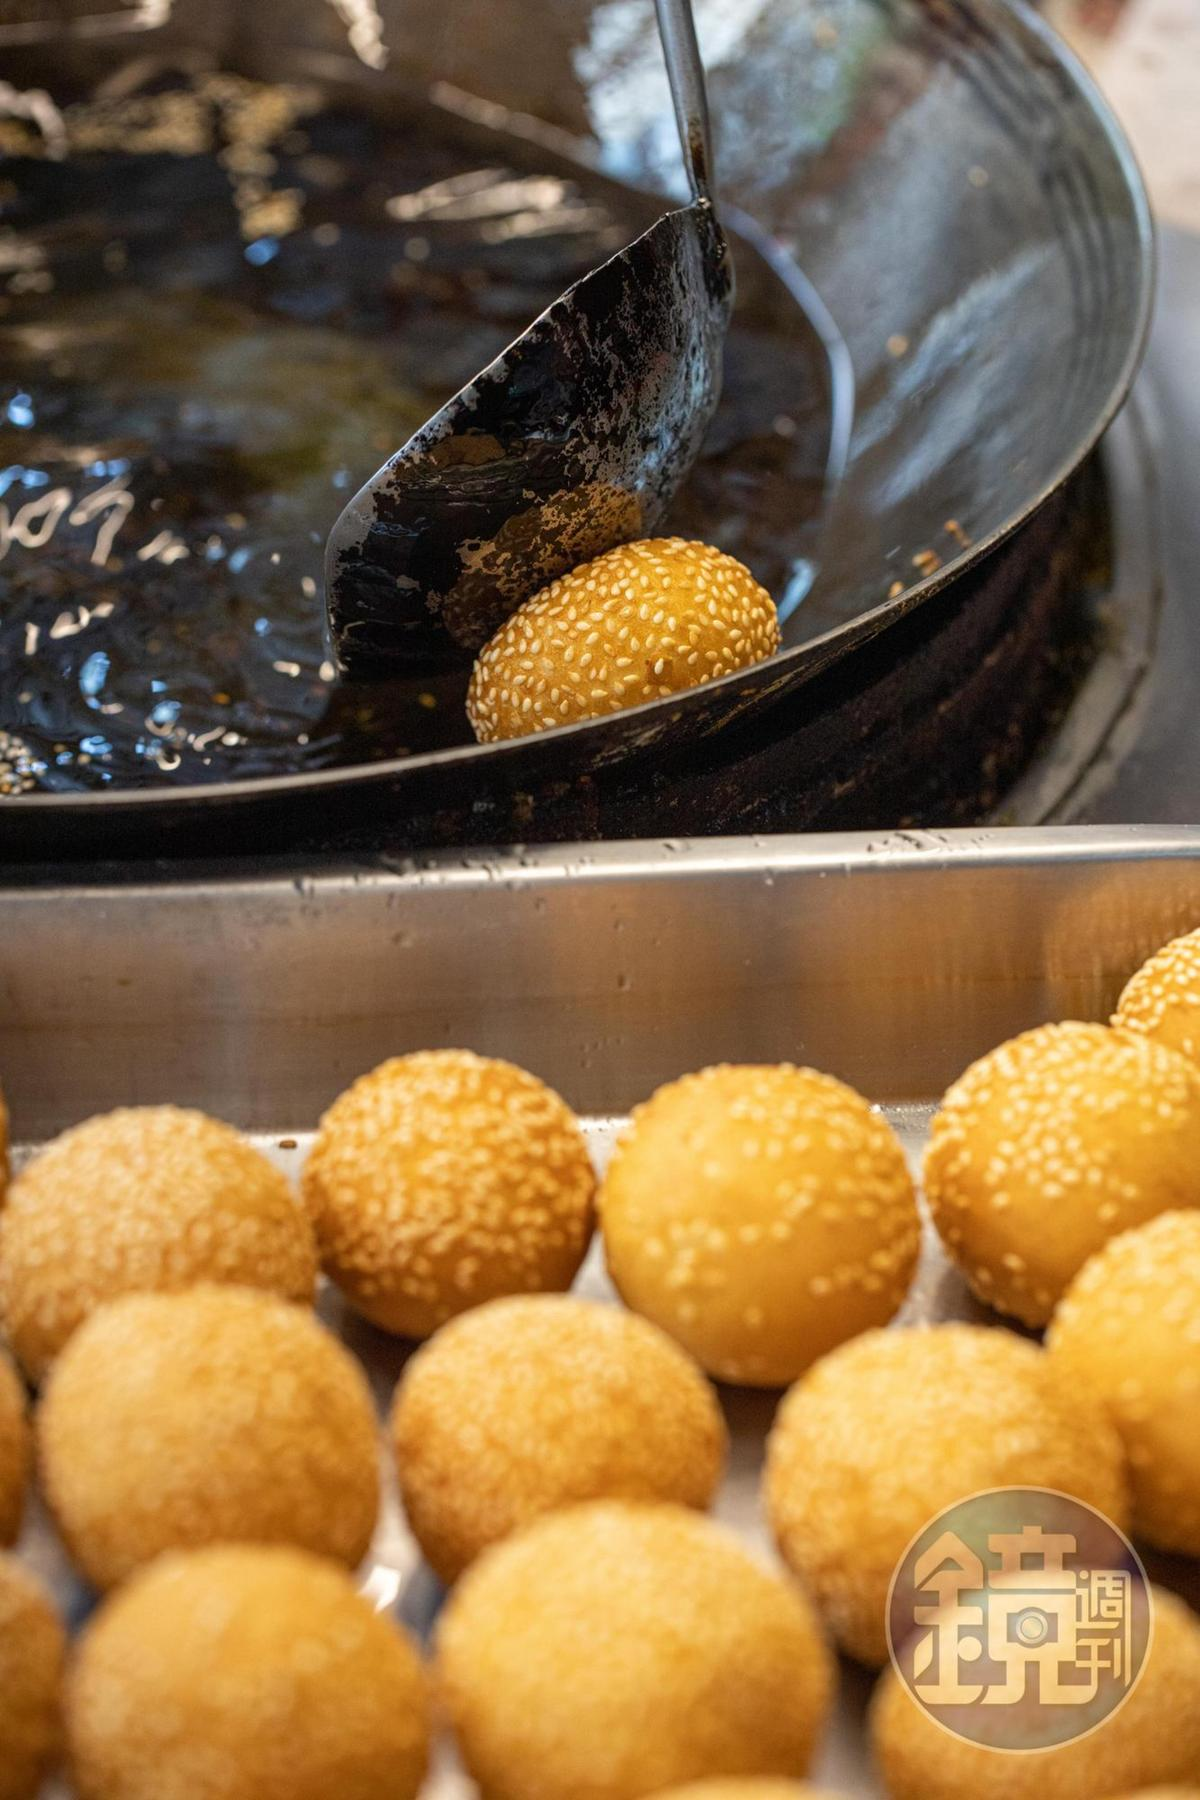 番薯麵糰邊炸邊壓,待空氣滲入麵糰裡 ,才會逐漸膨大成金黃圓球。